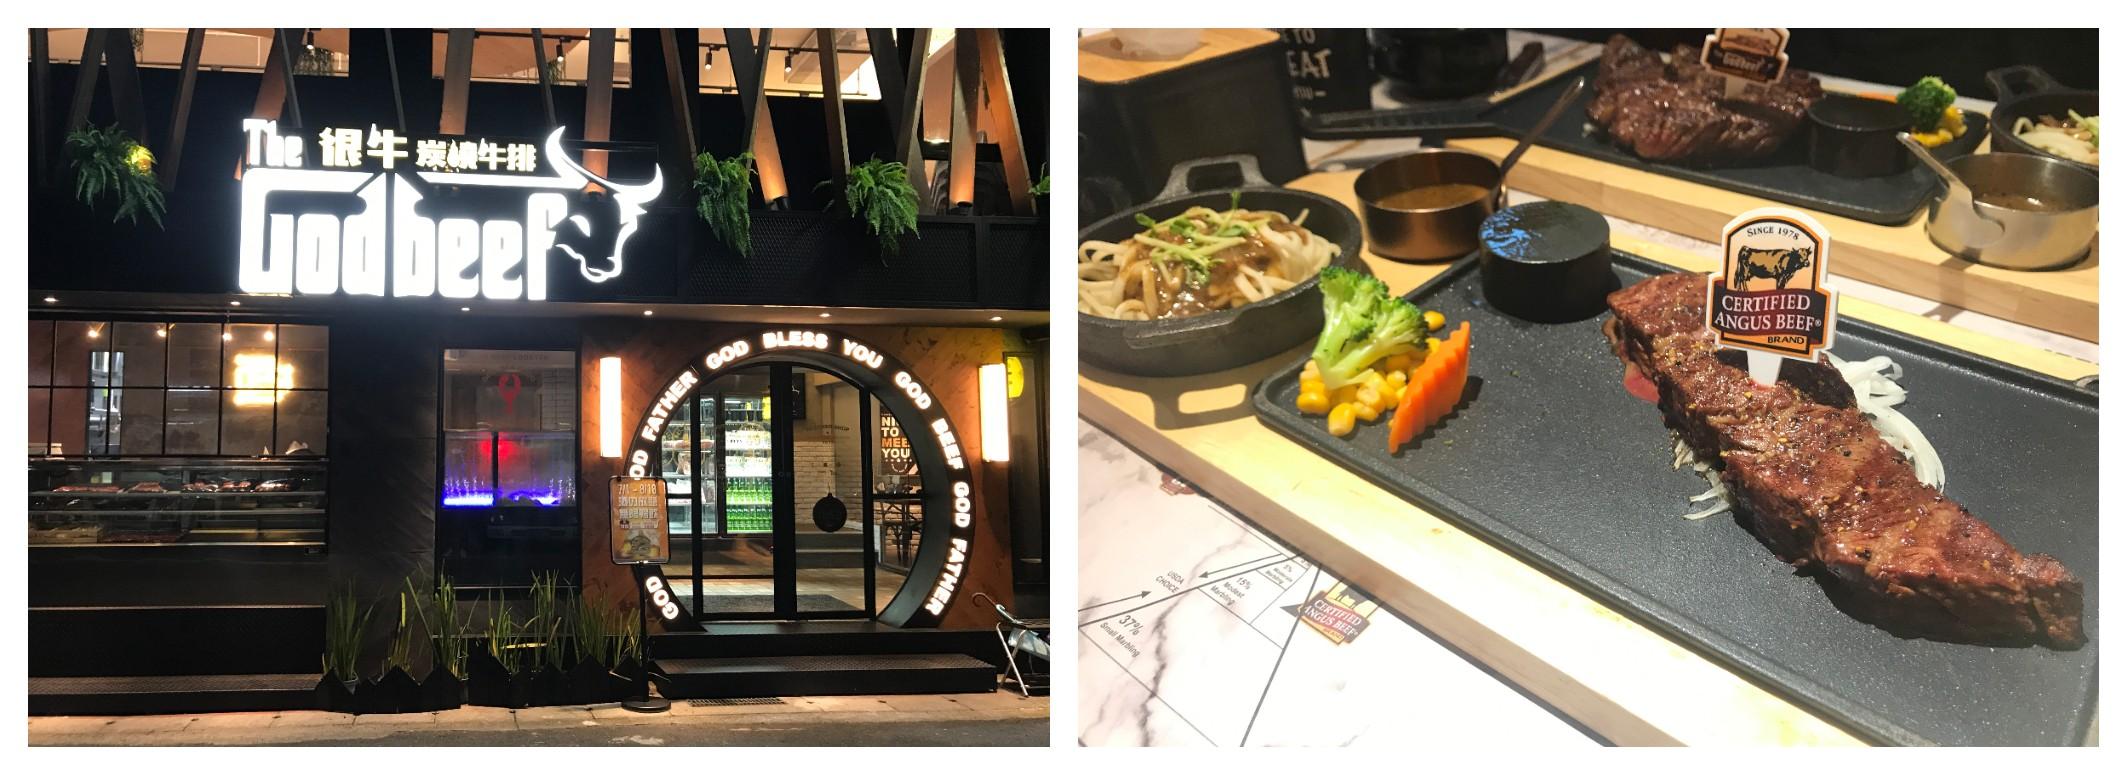 很牛炭燒牛排台北小巨蛋店 | 台北松山美食推薦,平價牛排精緻享受